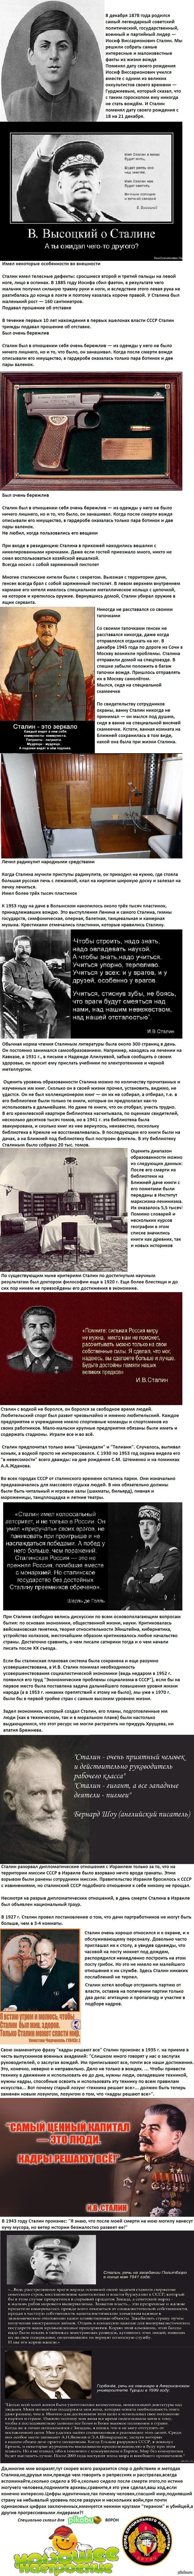 Неизвестный Сталин.  Последний дем взят с Пикабу,надеюсь,автор меня простит,просто очень четкое сравнение. Что то вы уже знали,что то нет,что то вспомните.Писать гадости про автора нет смысла,история нас уже рассудила.  Сталин, история, Россия, патриот, победа, ВоВ, длиннопост